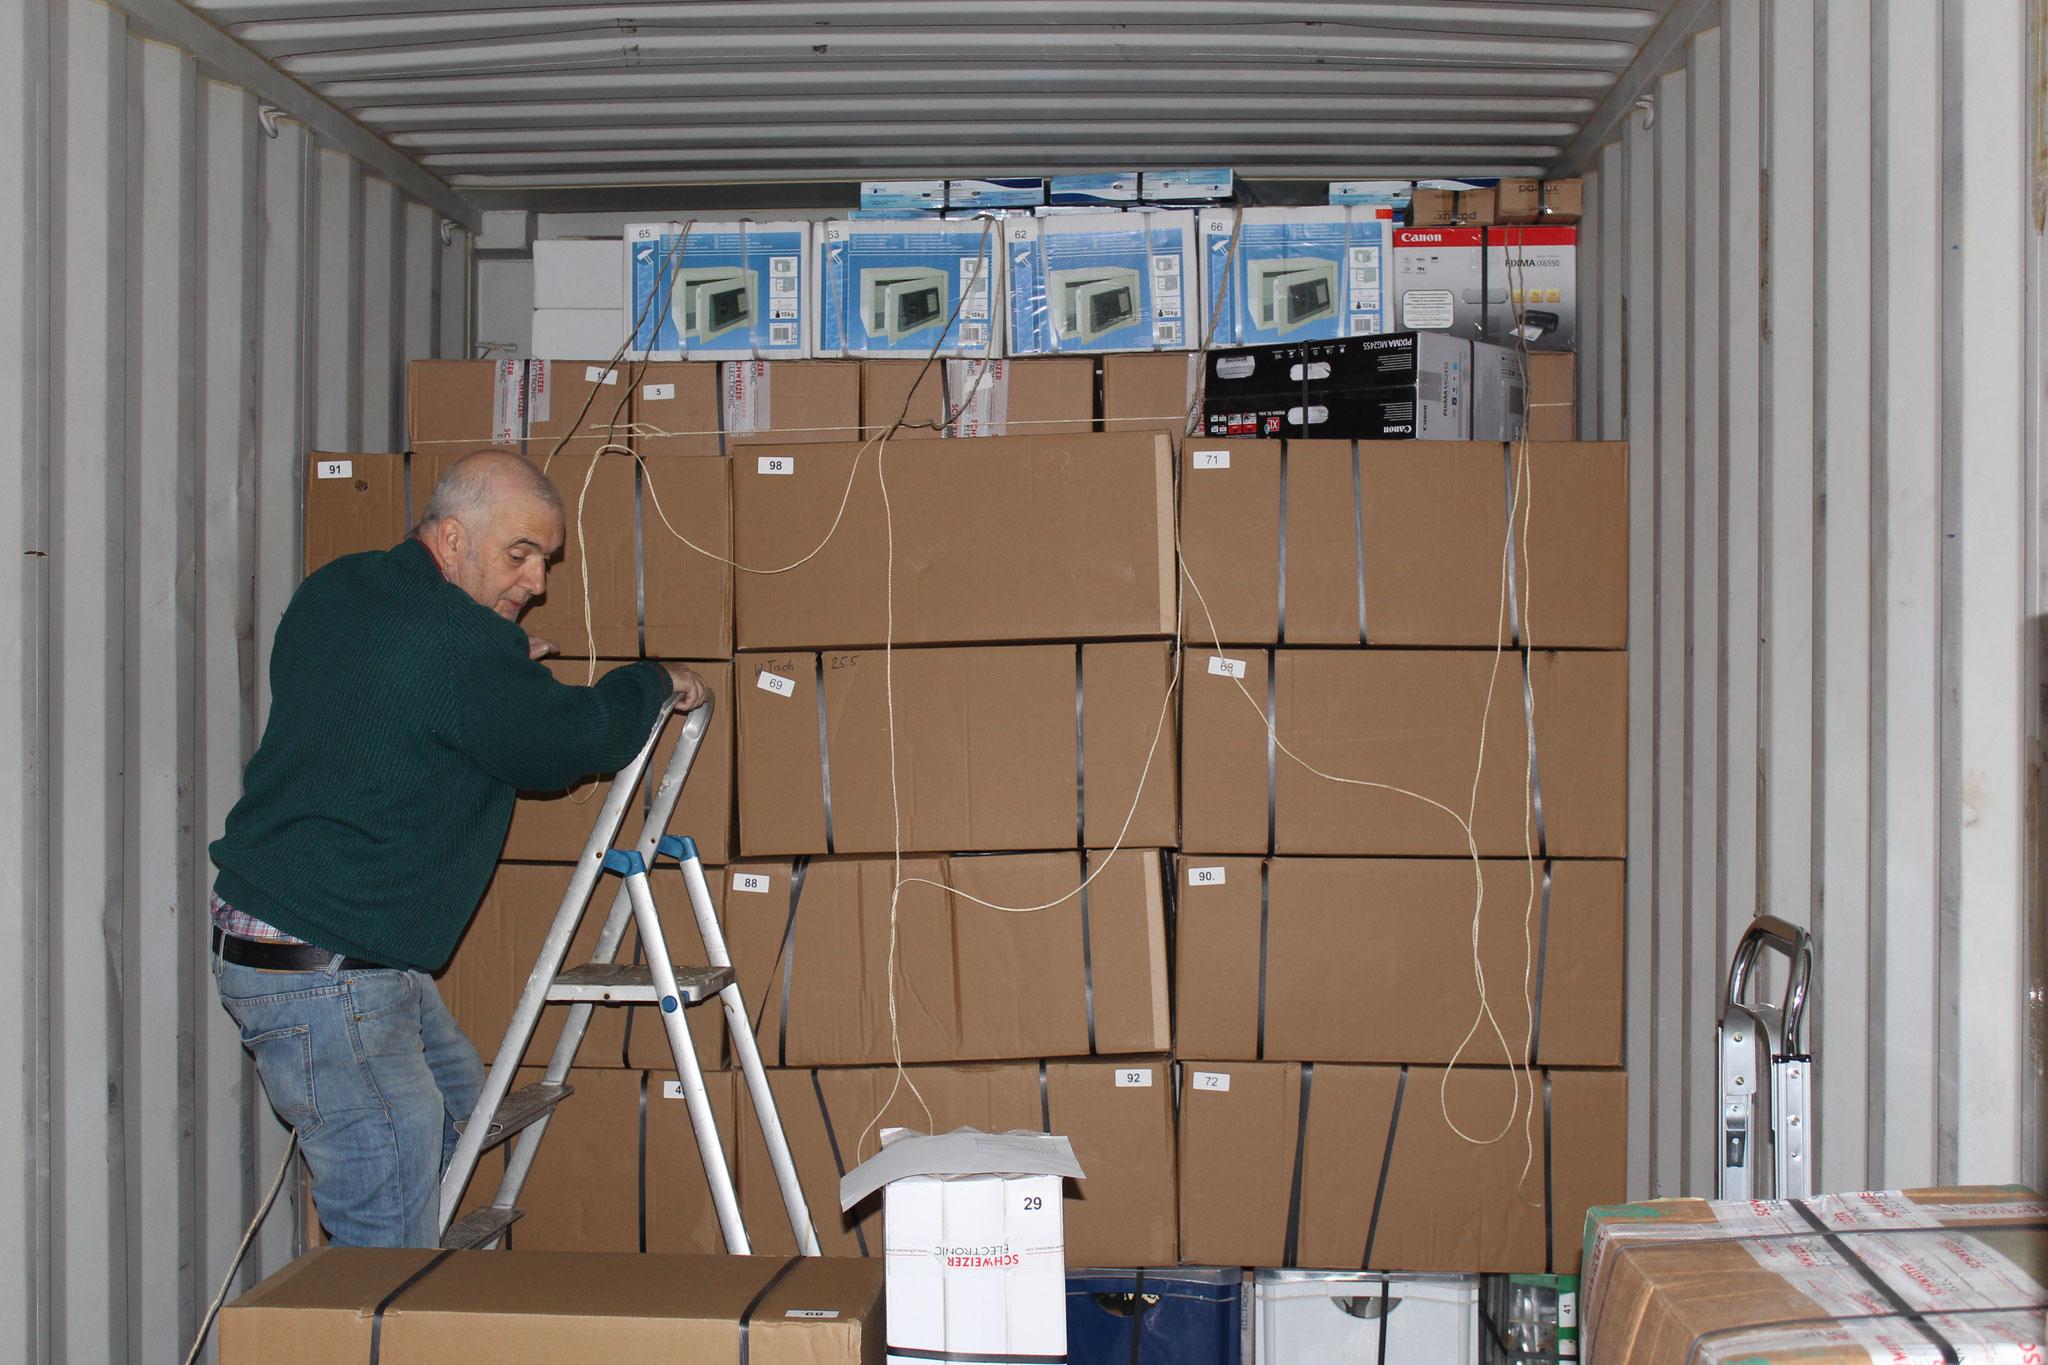 1. 19.04.2014 Beim beladen des Containers muss der Platz optimal ausgenutzt werden.